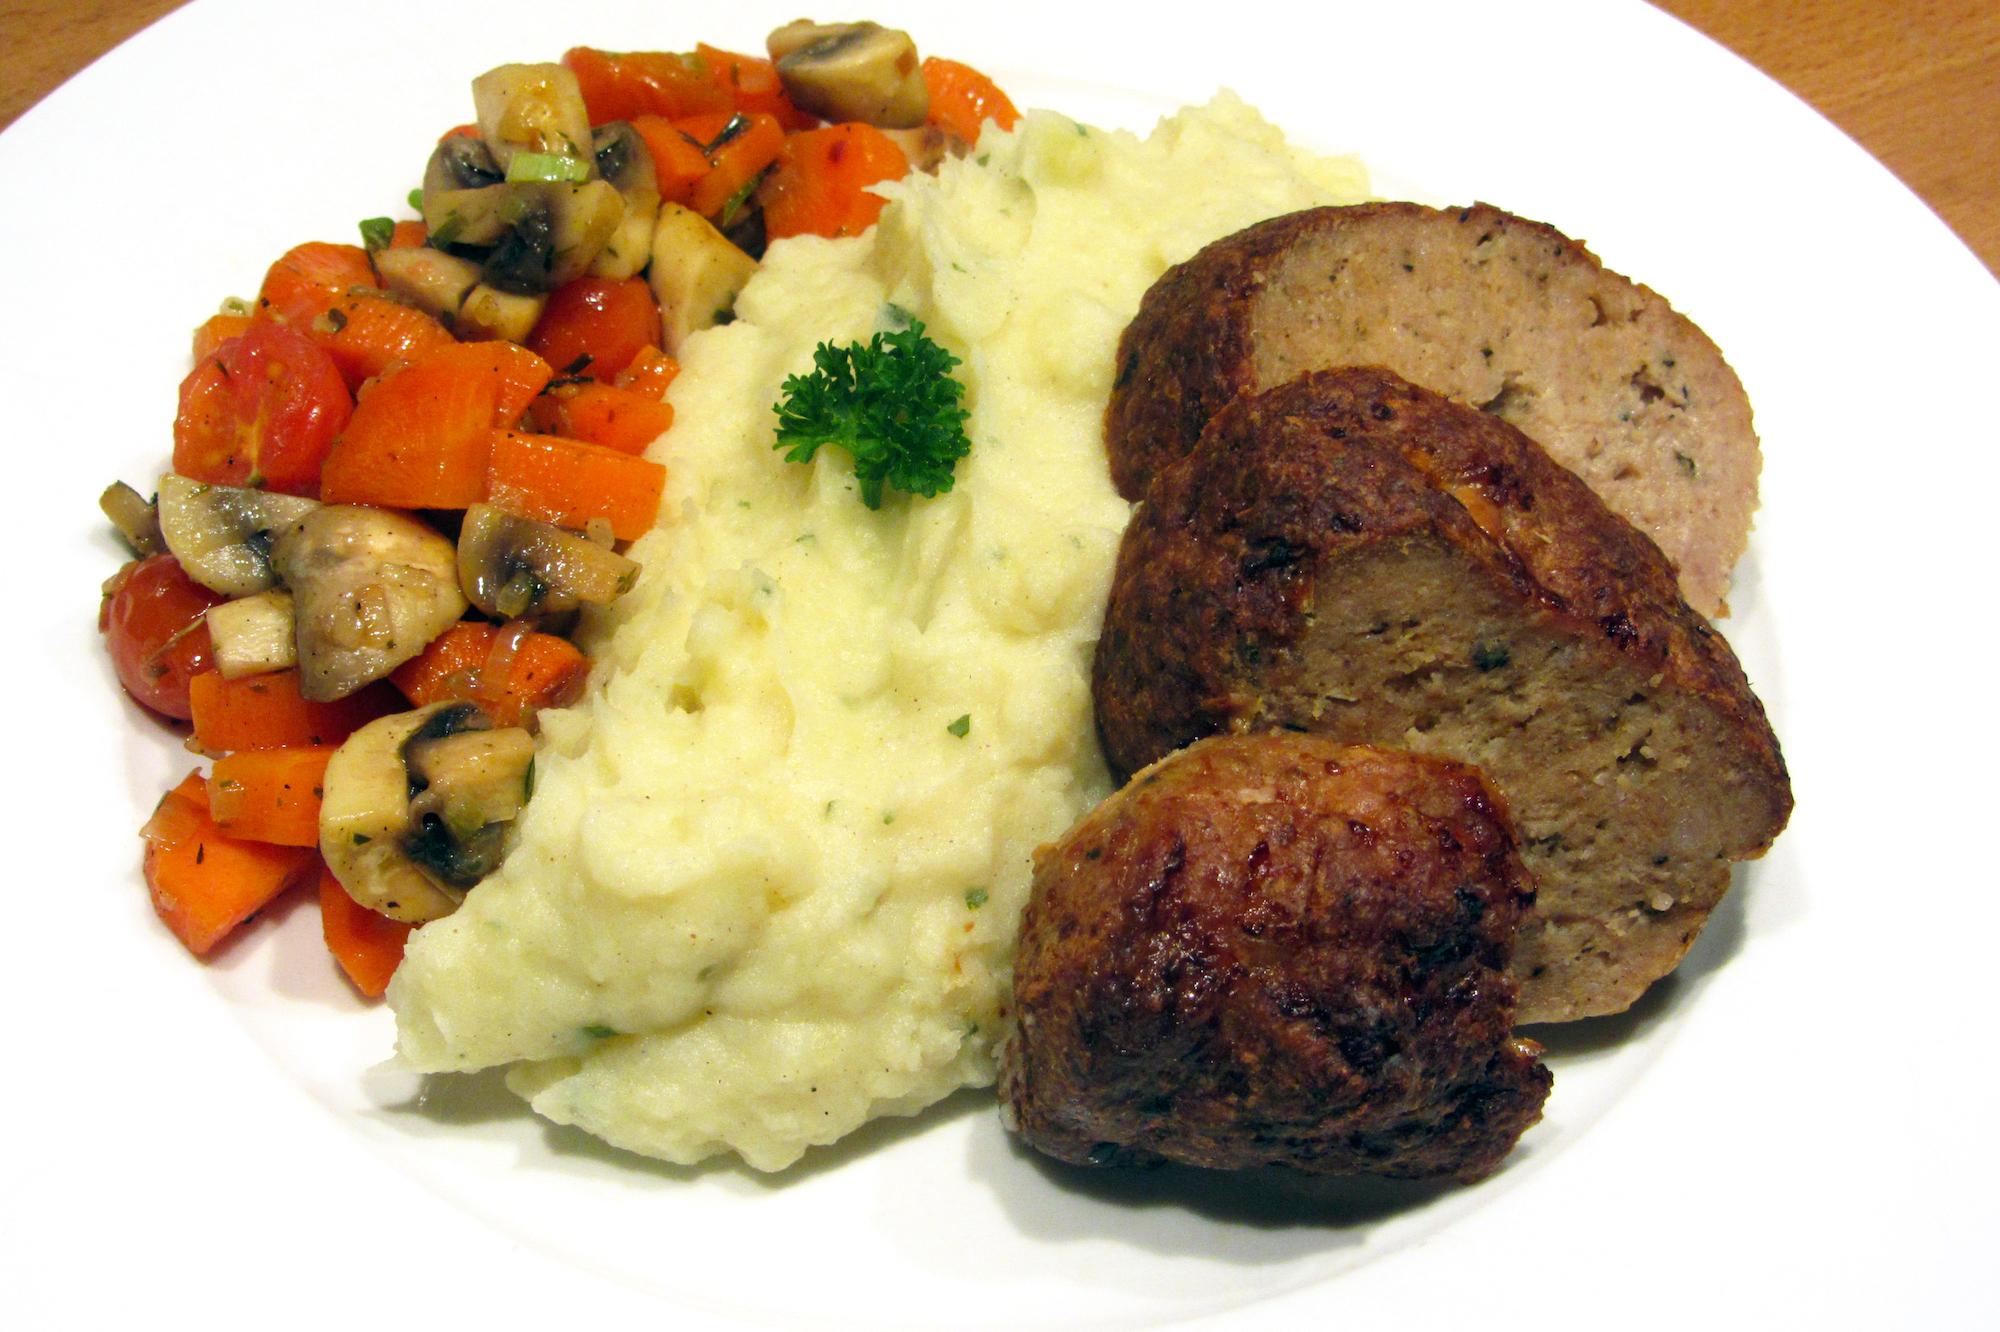 Gehaktbroodje met salie, peterseliepuree en groentepannetje